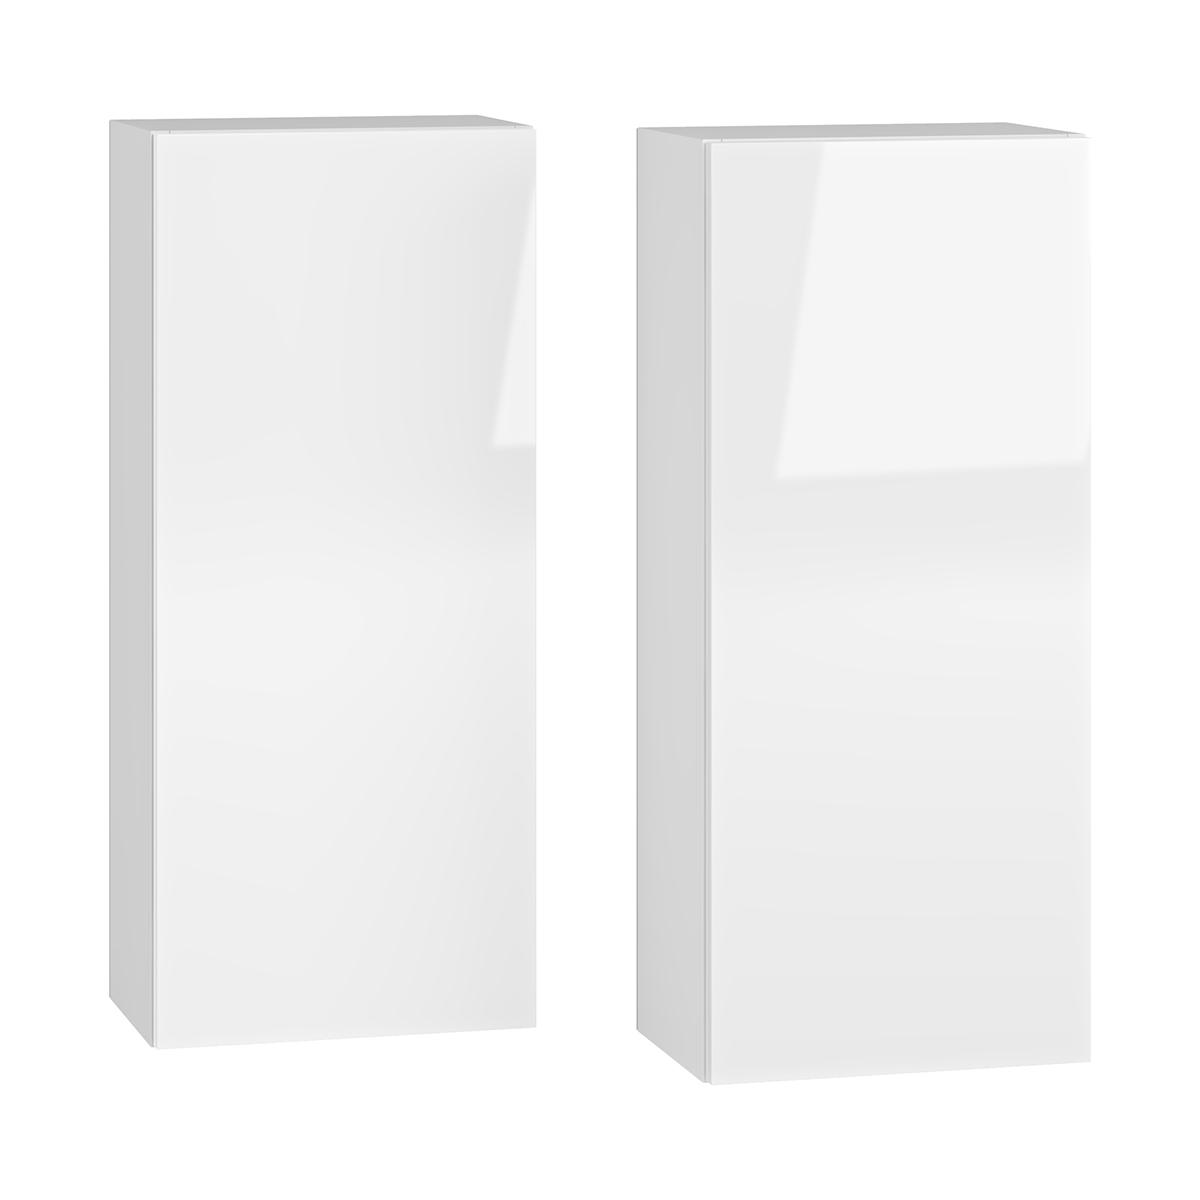 NABBI Baleta S2 kúpeľňová skrinka na stenu (2 ks) alaska / biely lesk